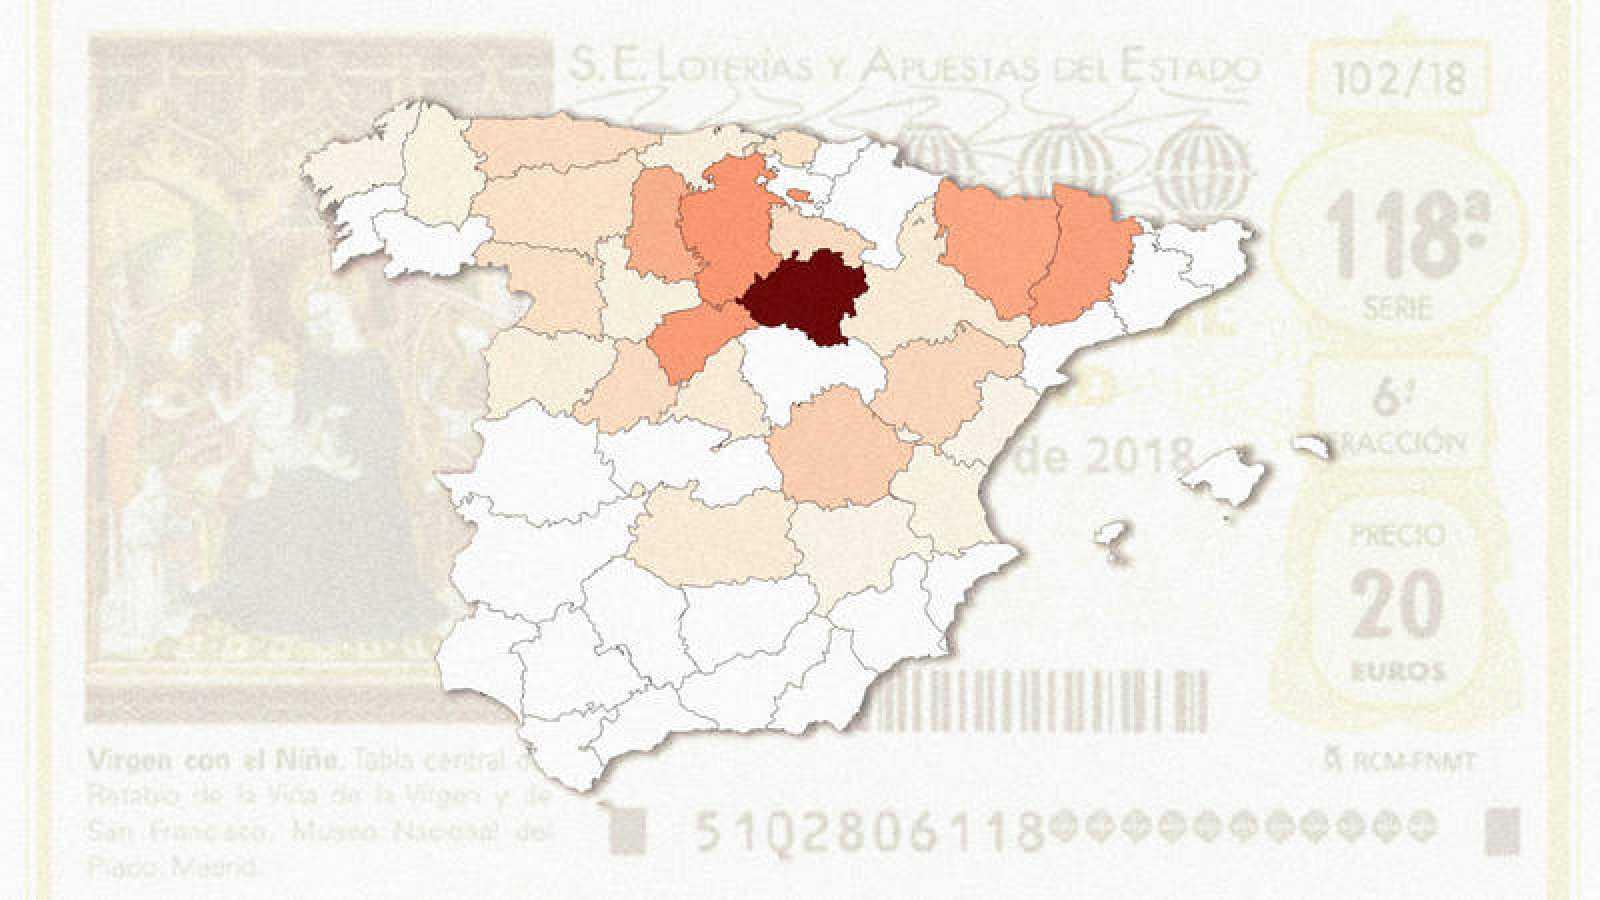 Mira los mapas con el gasto total y por habitante detallado por provincias